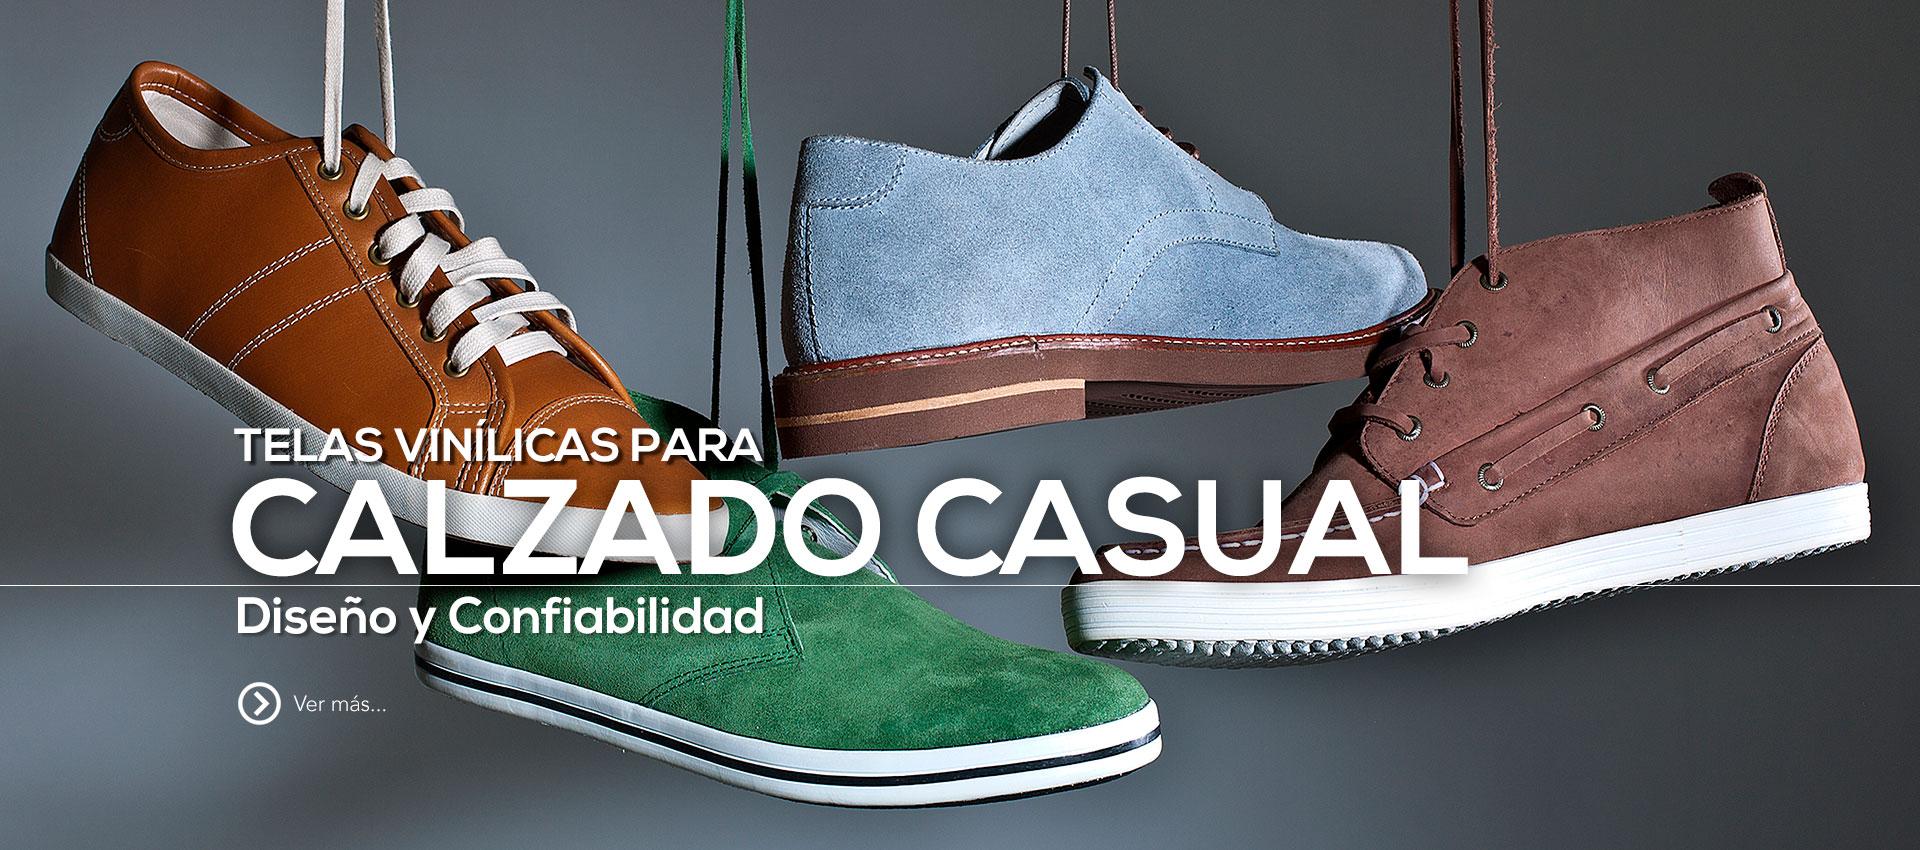 02-plastiquimica-calzado-casual